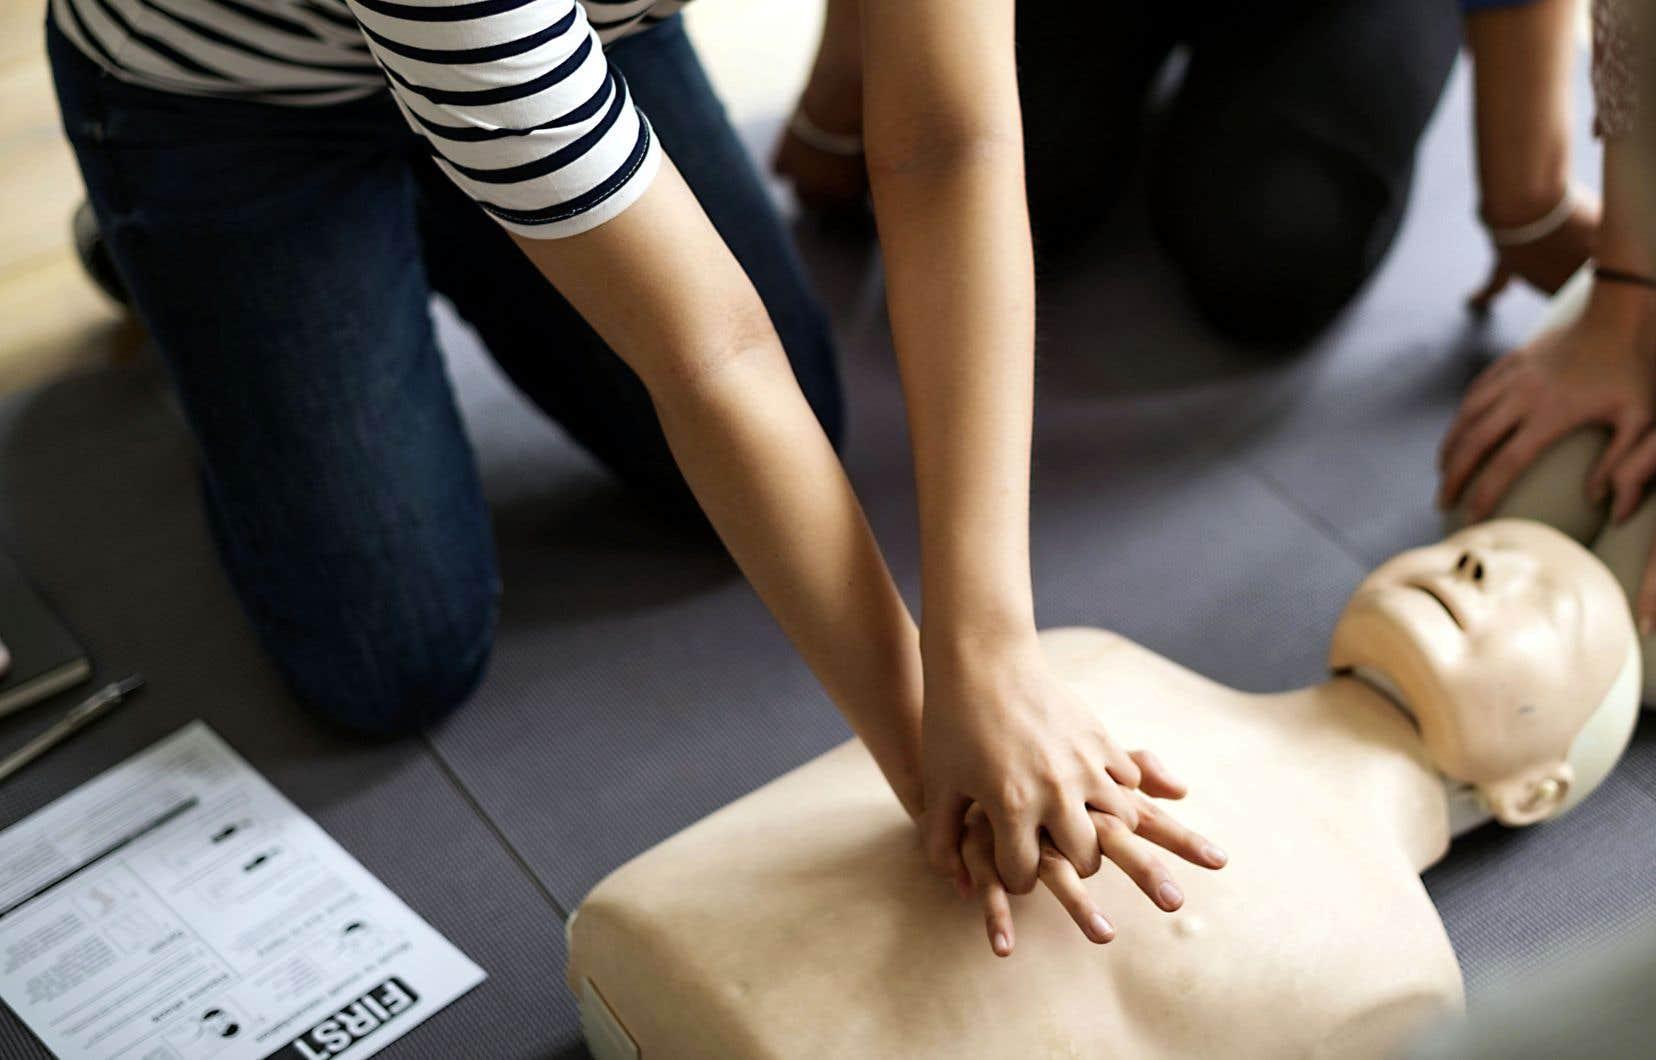 Grâce à la technologie de simulation par réalité virtuelle totalement immersive (SRVTI), l'étudiant pourra, lors de sa formation, offrir les soins préhospitaliers à un mannequin aux prises avec un infarctus, par exemple.